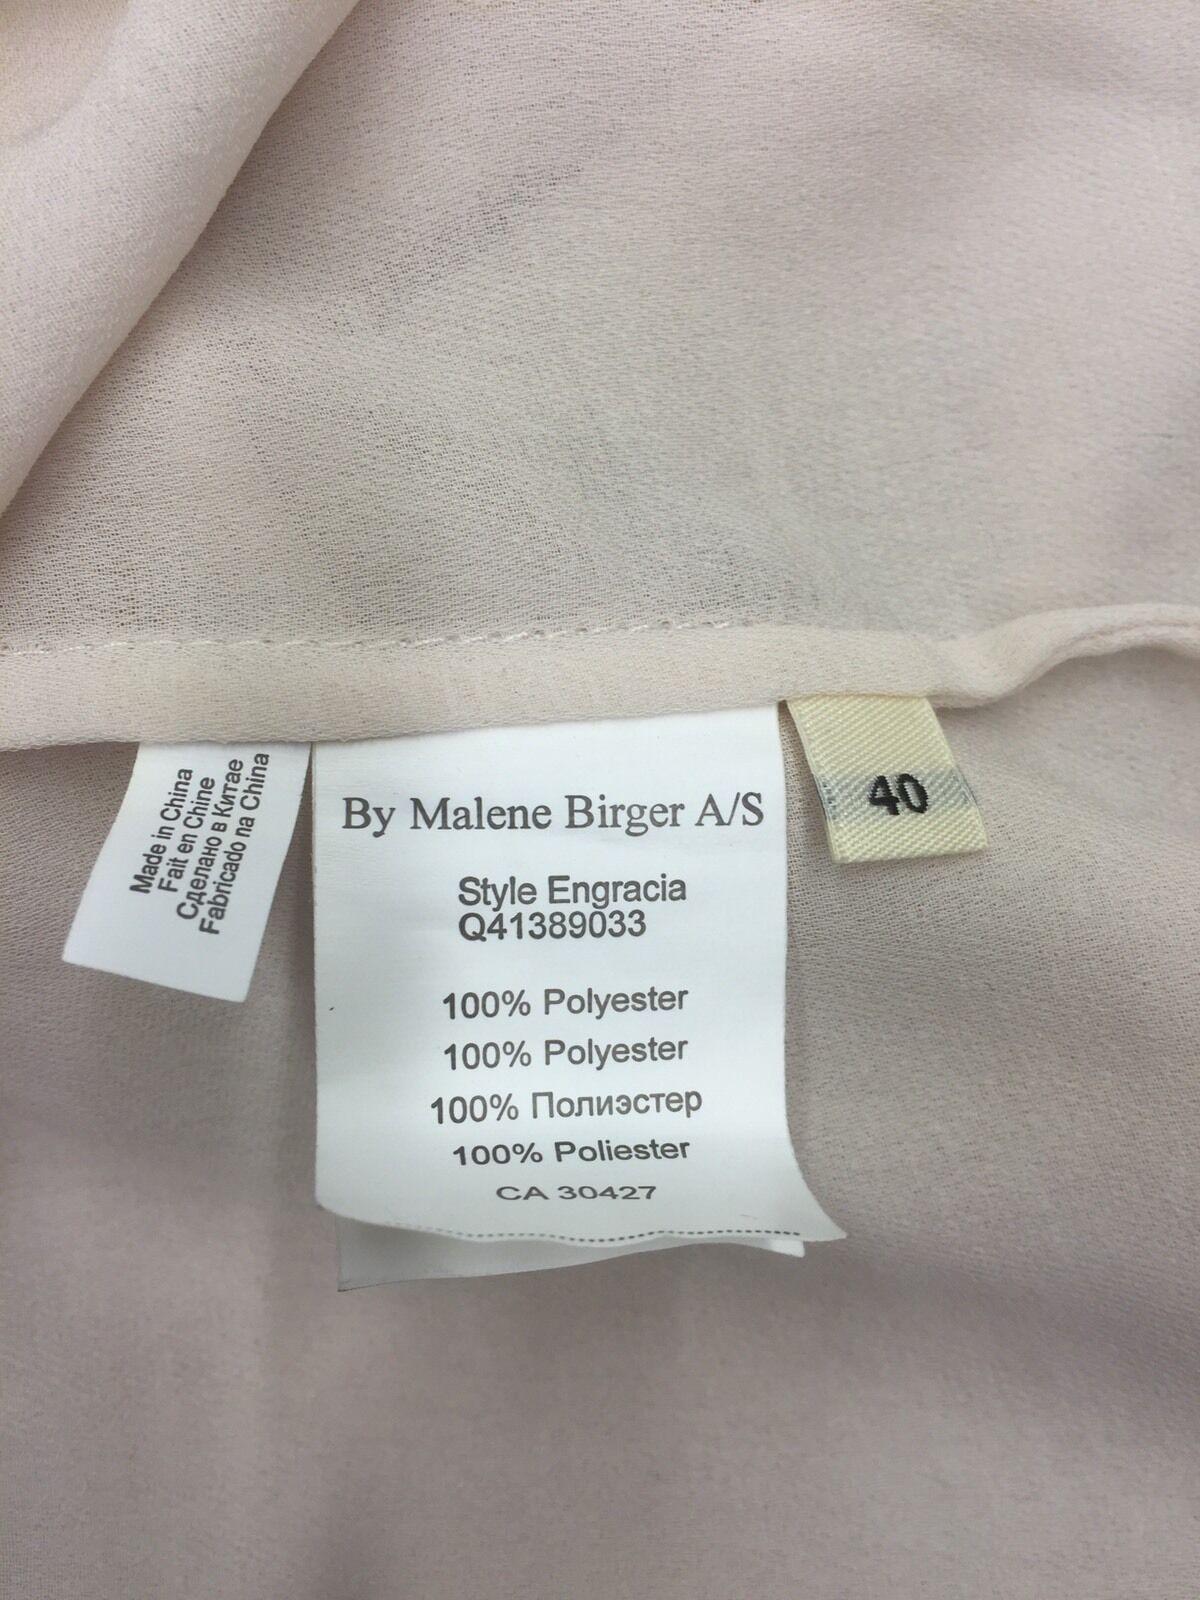 Marlene Birger Damen Blause Top Shirt Gr Gr Gr 40 Puderfarben NEU   | Gewinnen Sie das Lob der Kunden  | Neuartiges Design  | Eine Große Vielfalt An Modelle 2019 Neue  | Niedriger Preis  | Verschiedene  746f6c